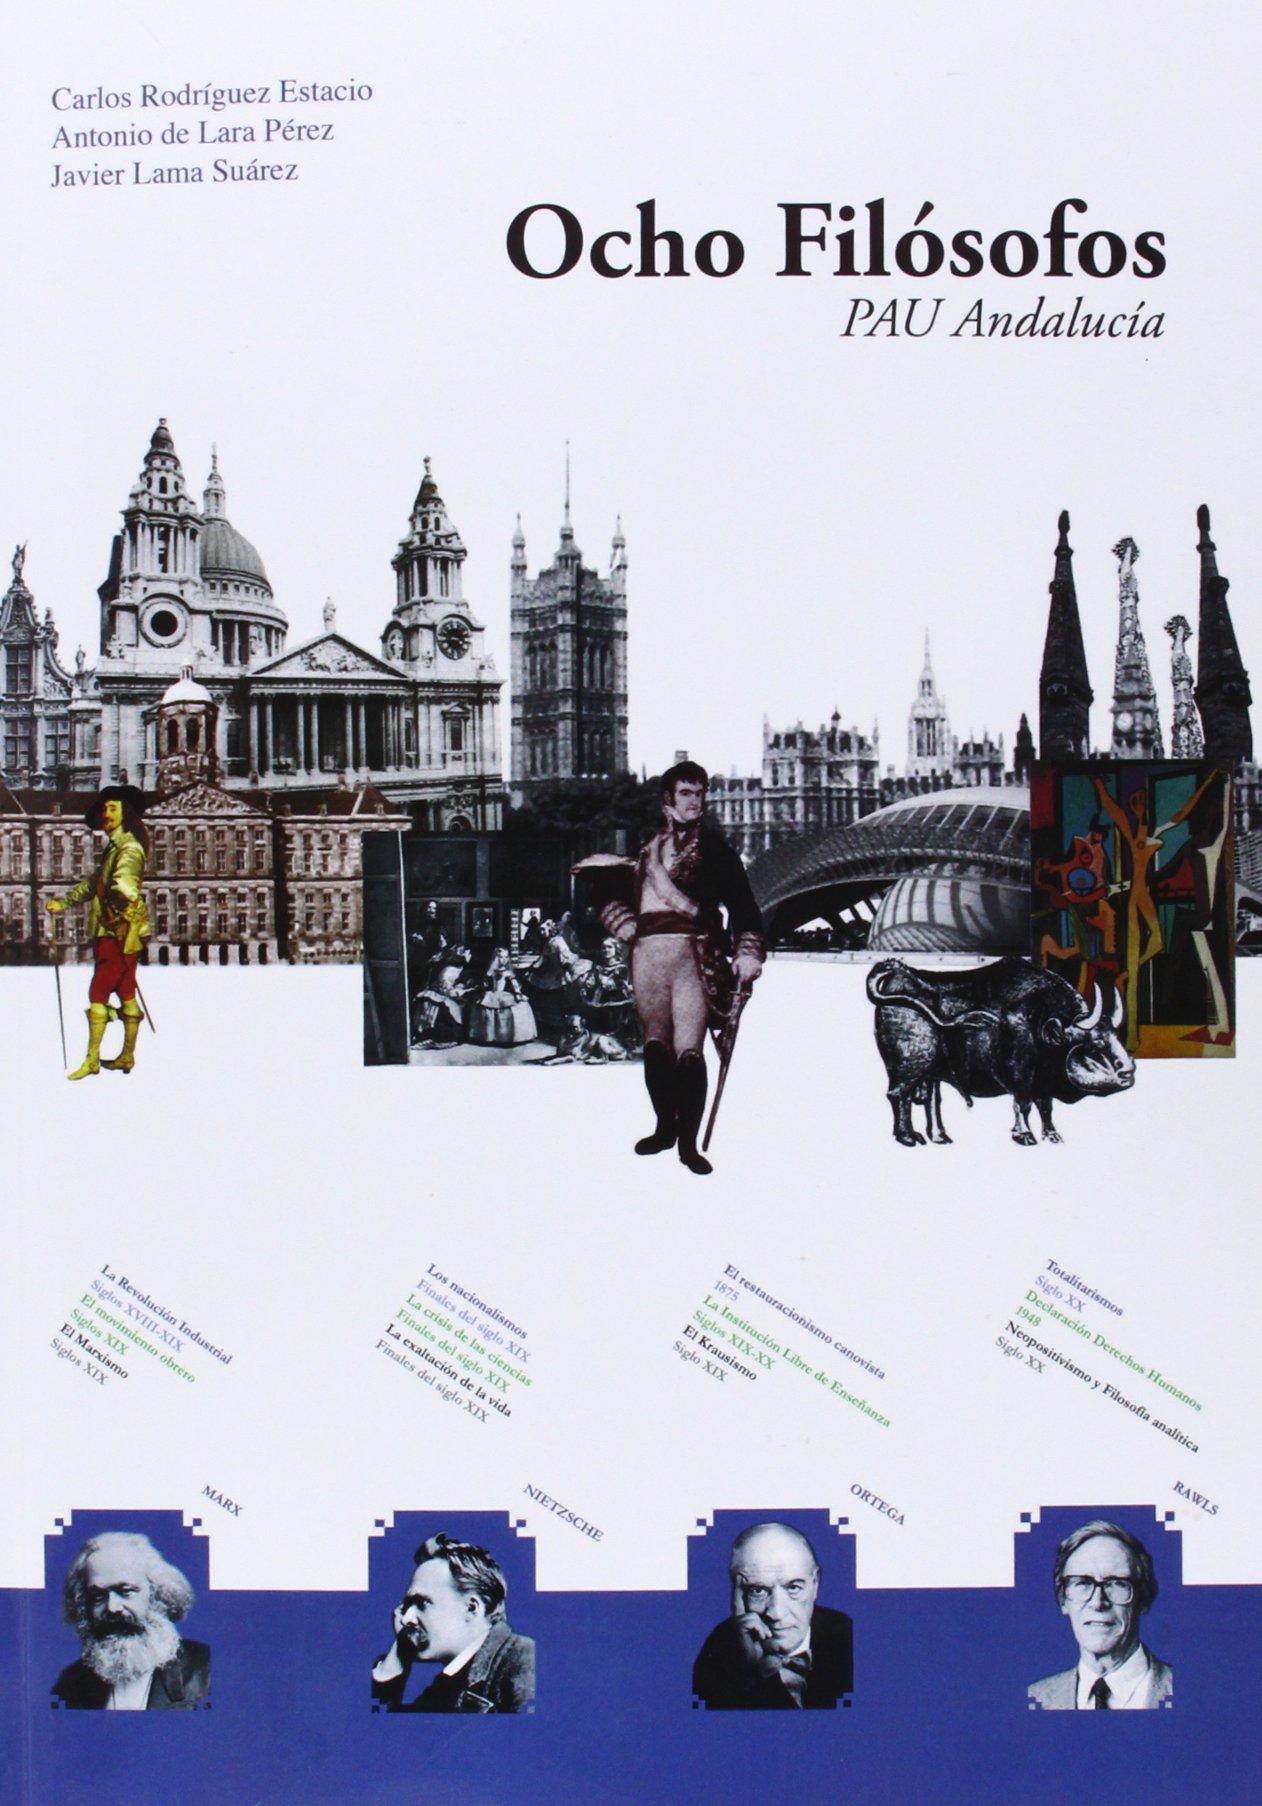 OCHO FILOSOFOS PAU ANDALUCIA: Amazon.es: RODRíGUEZ ESTACIO, CARLOS, LARA PéREZ, ANTONIO DE, LAMA SUáREZ, F. JAVIER: Libros